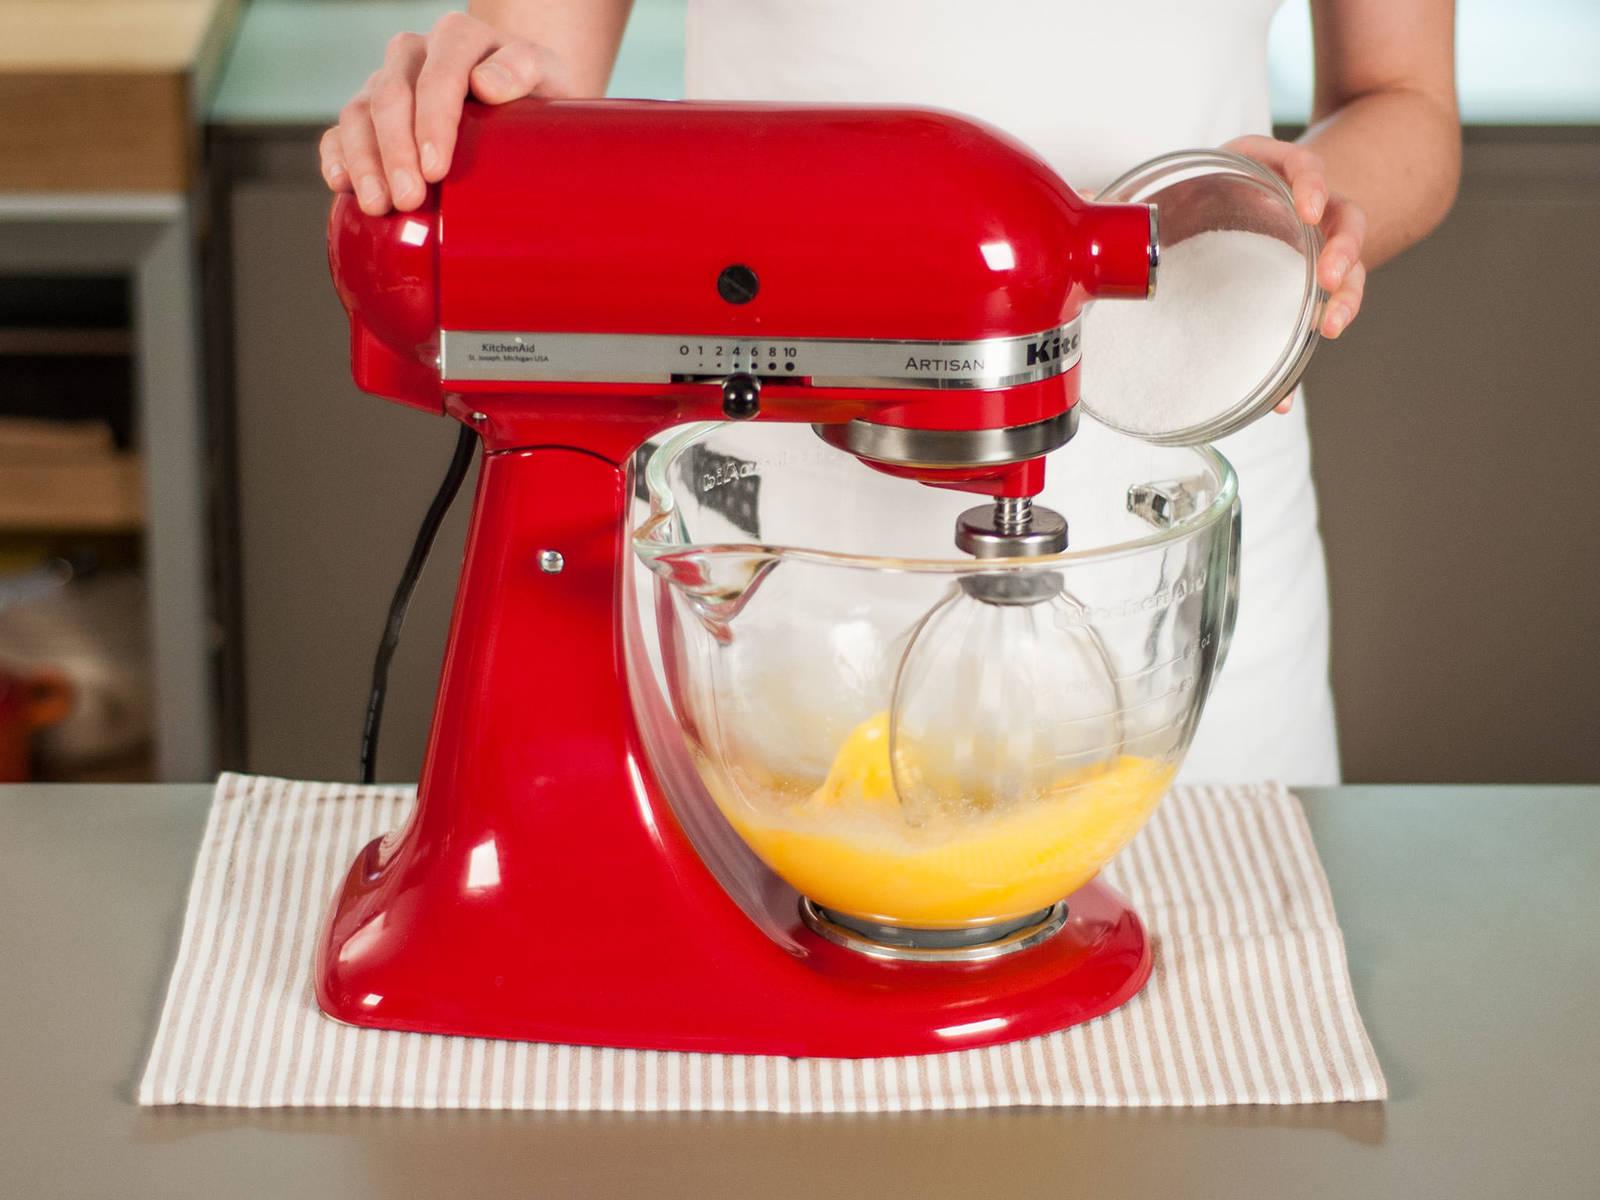 预热烤箱至180摄氏度。将鸡蛋与一半糖放入立式搅拌机,搅拌至起泡。